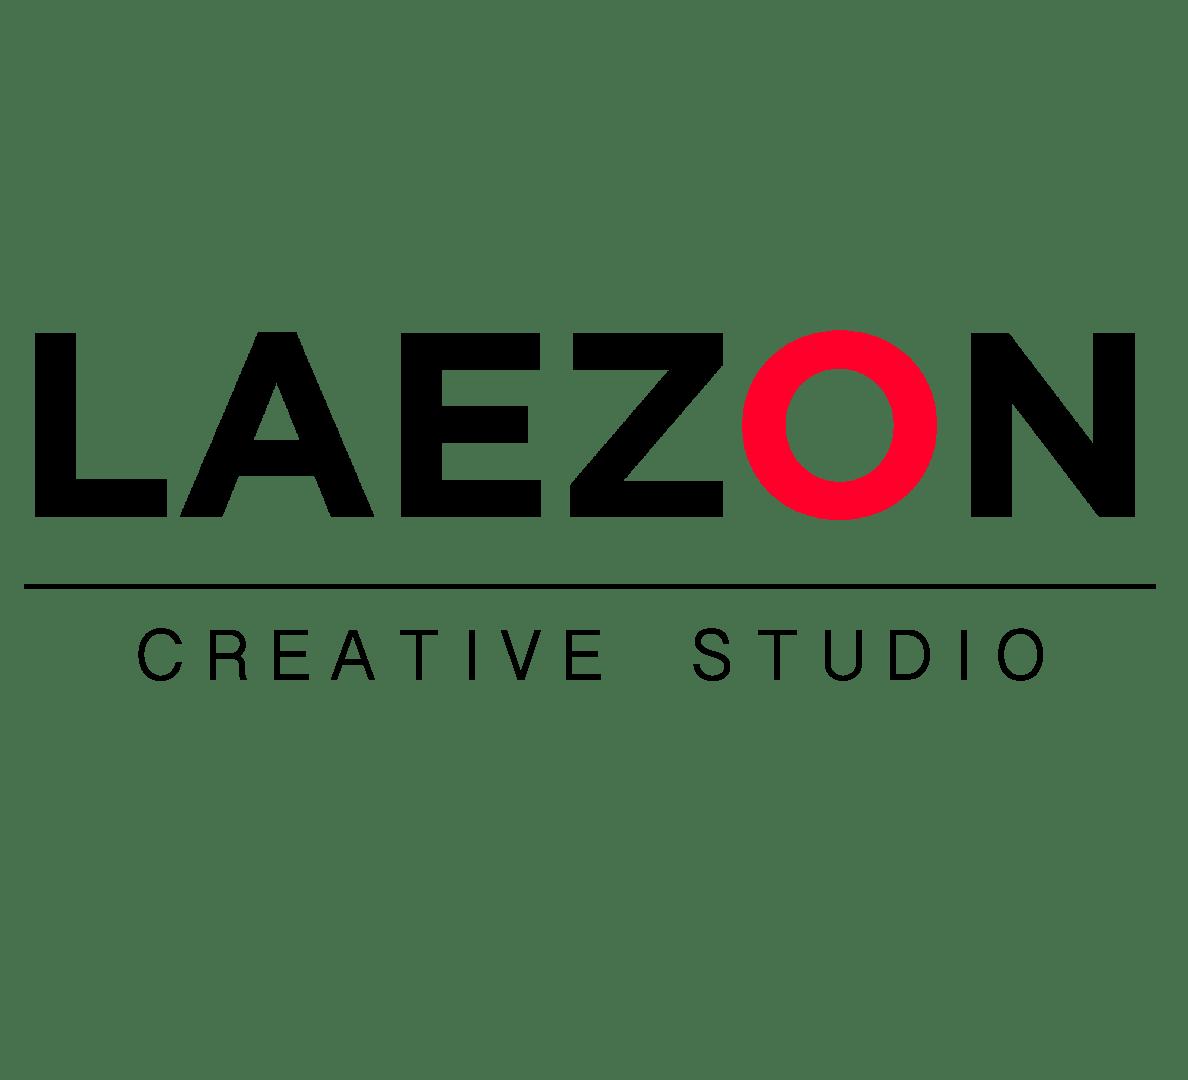 LAEZON